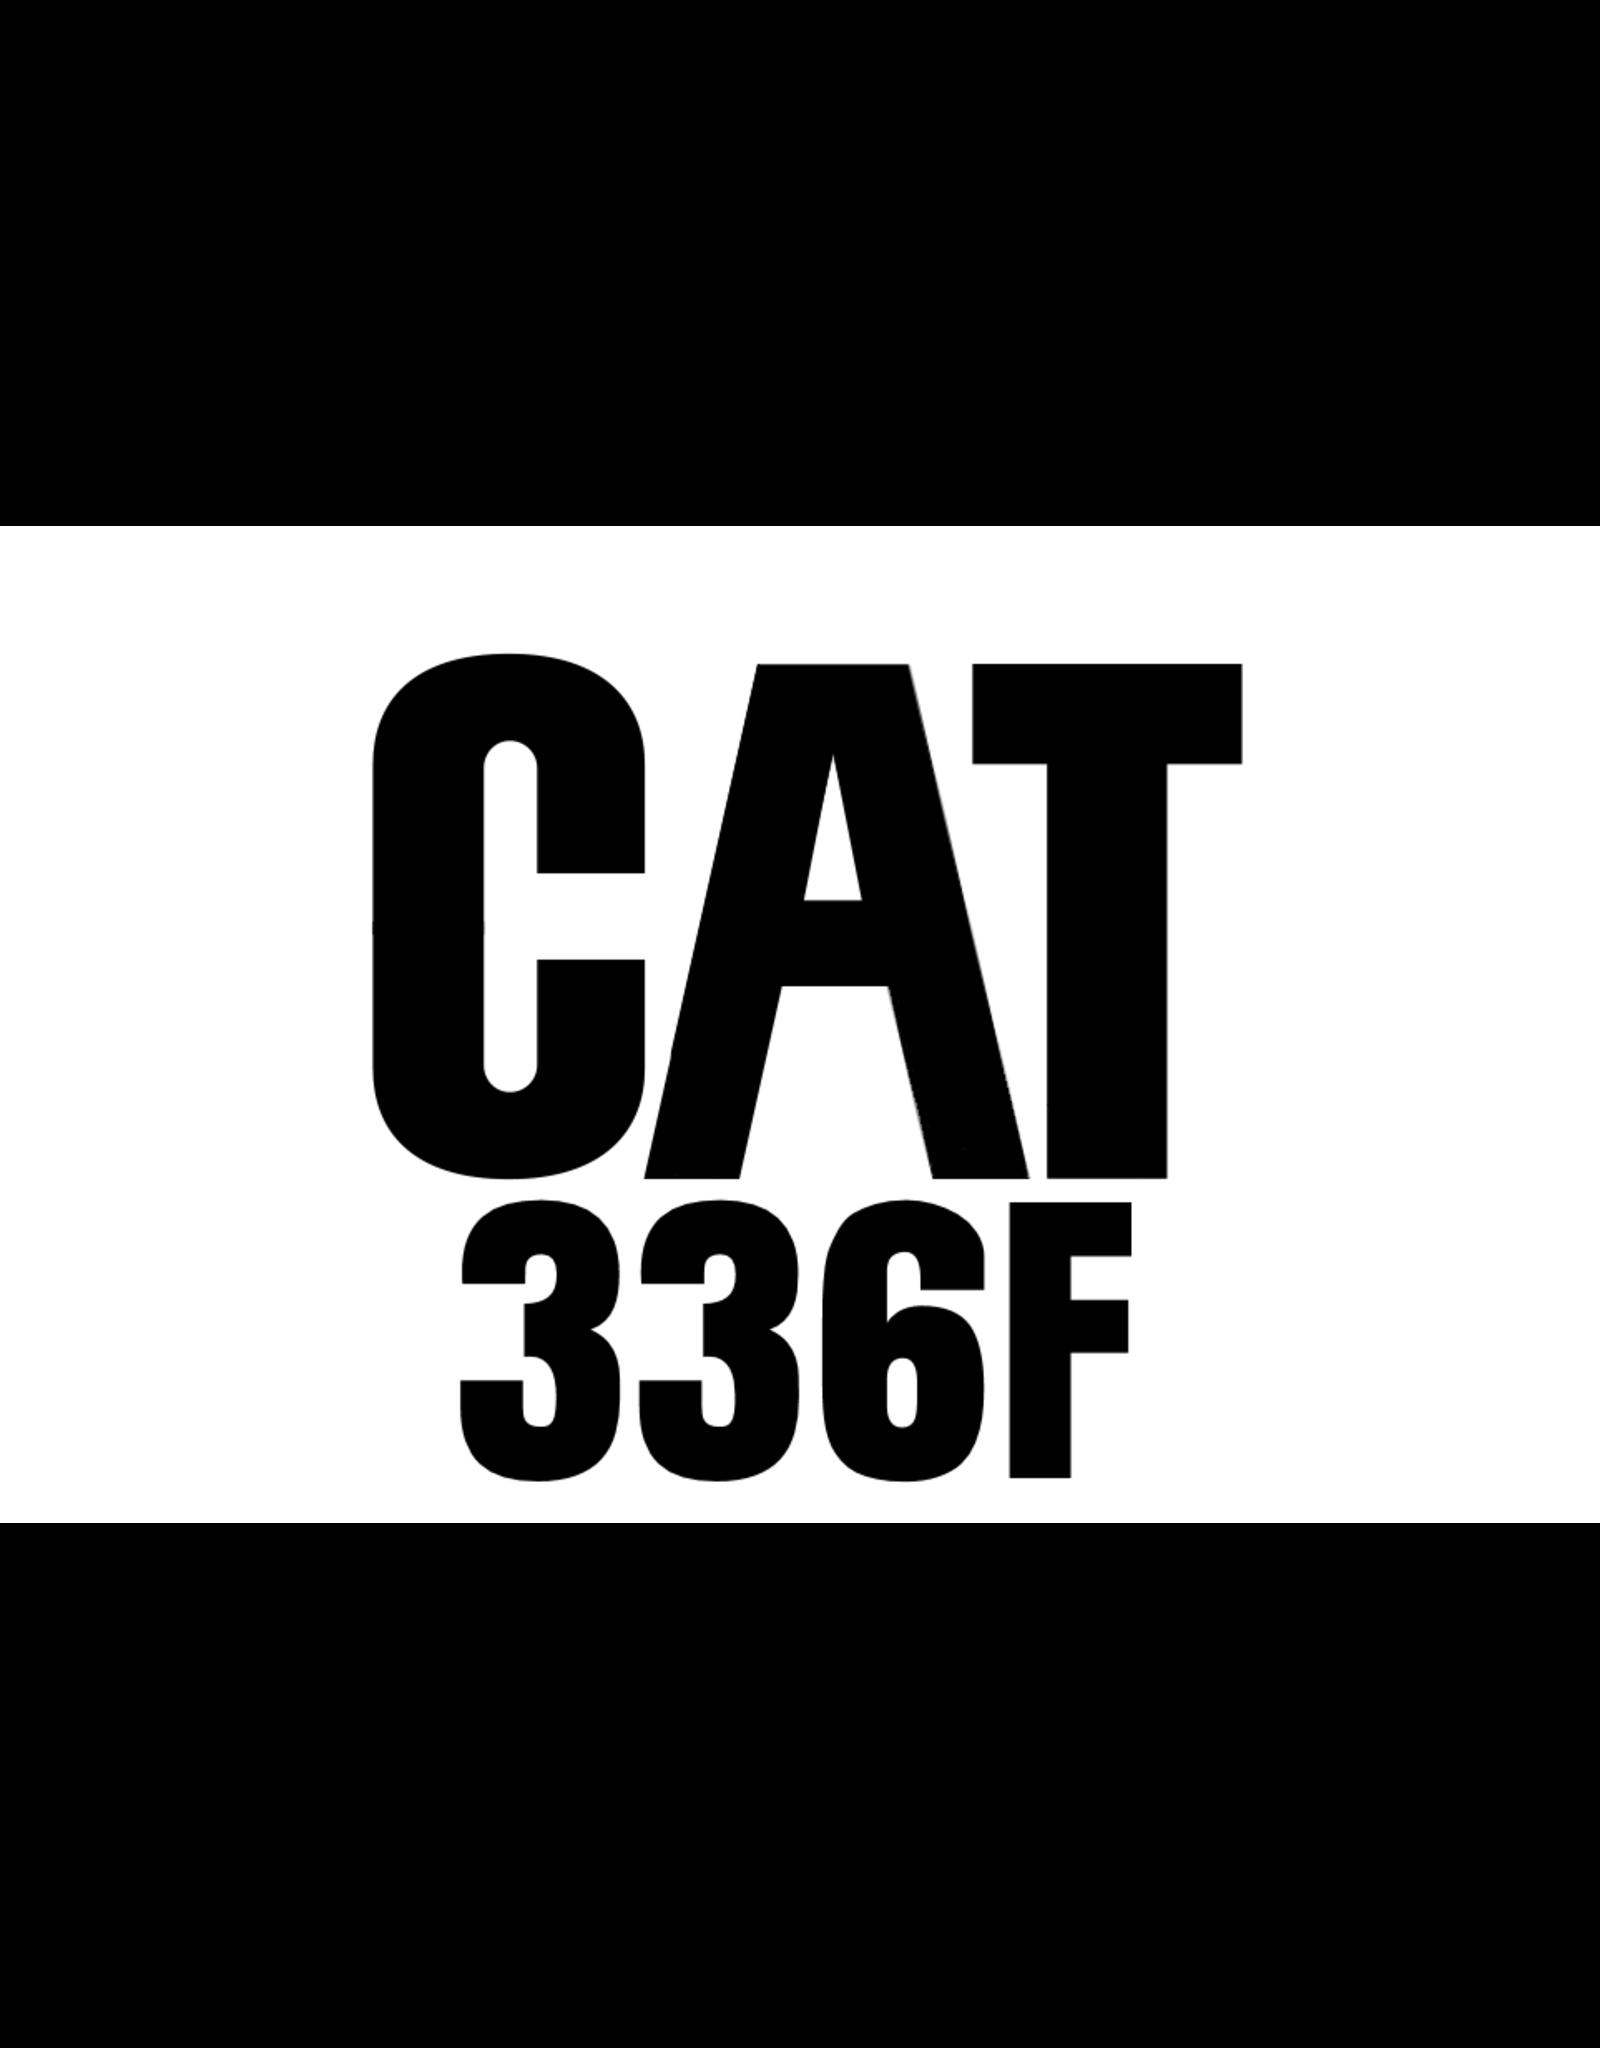 Echle Hartstahl GmbH FOPS für CAT 336F